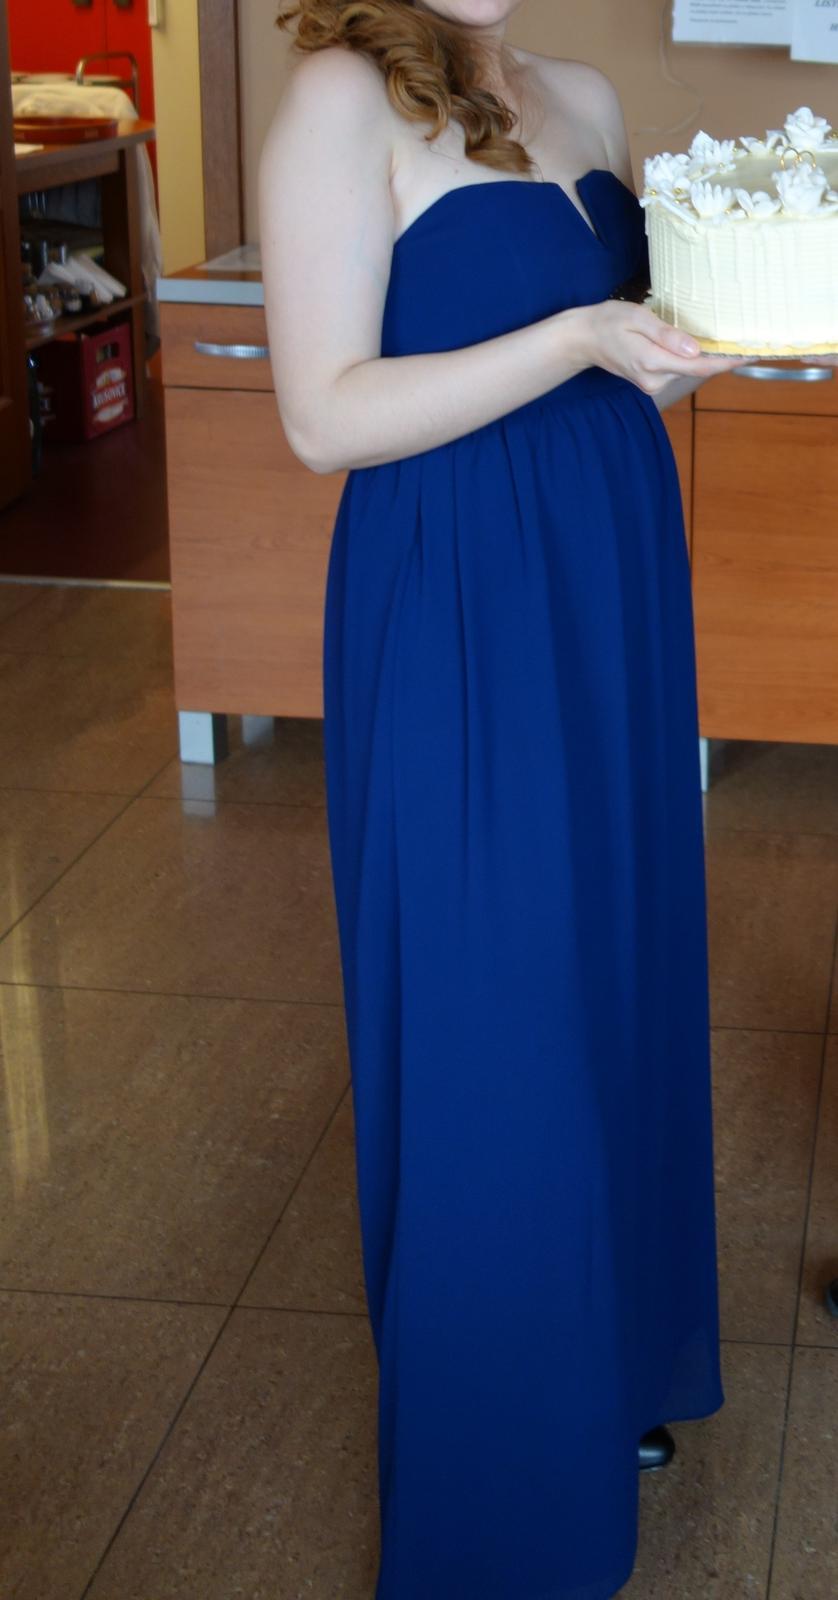 Modré popolnočné šaty vo veľkosti 36 - Obrázok č. 2